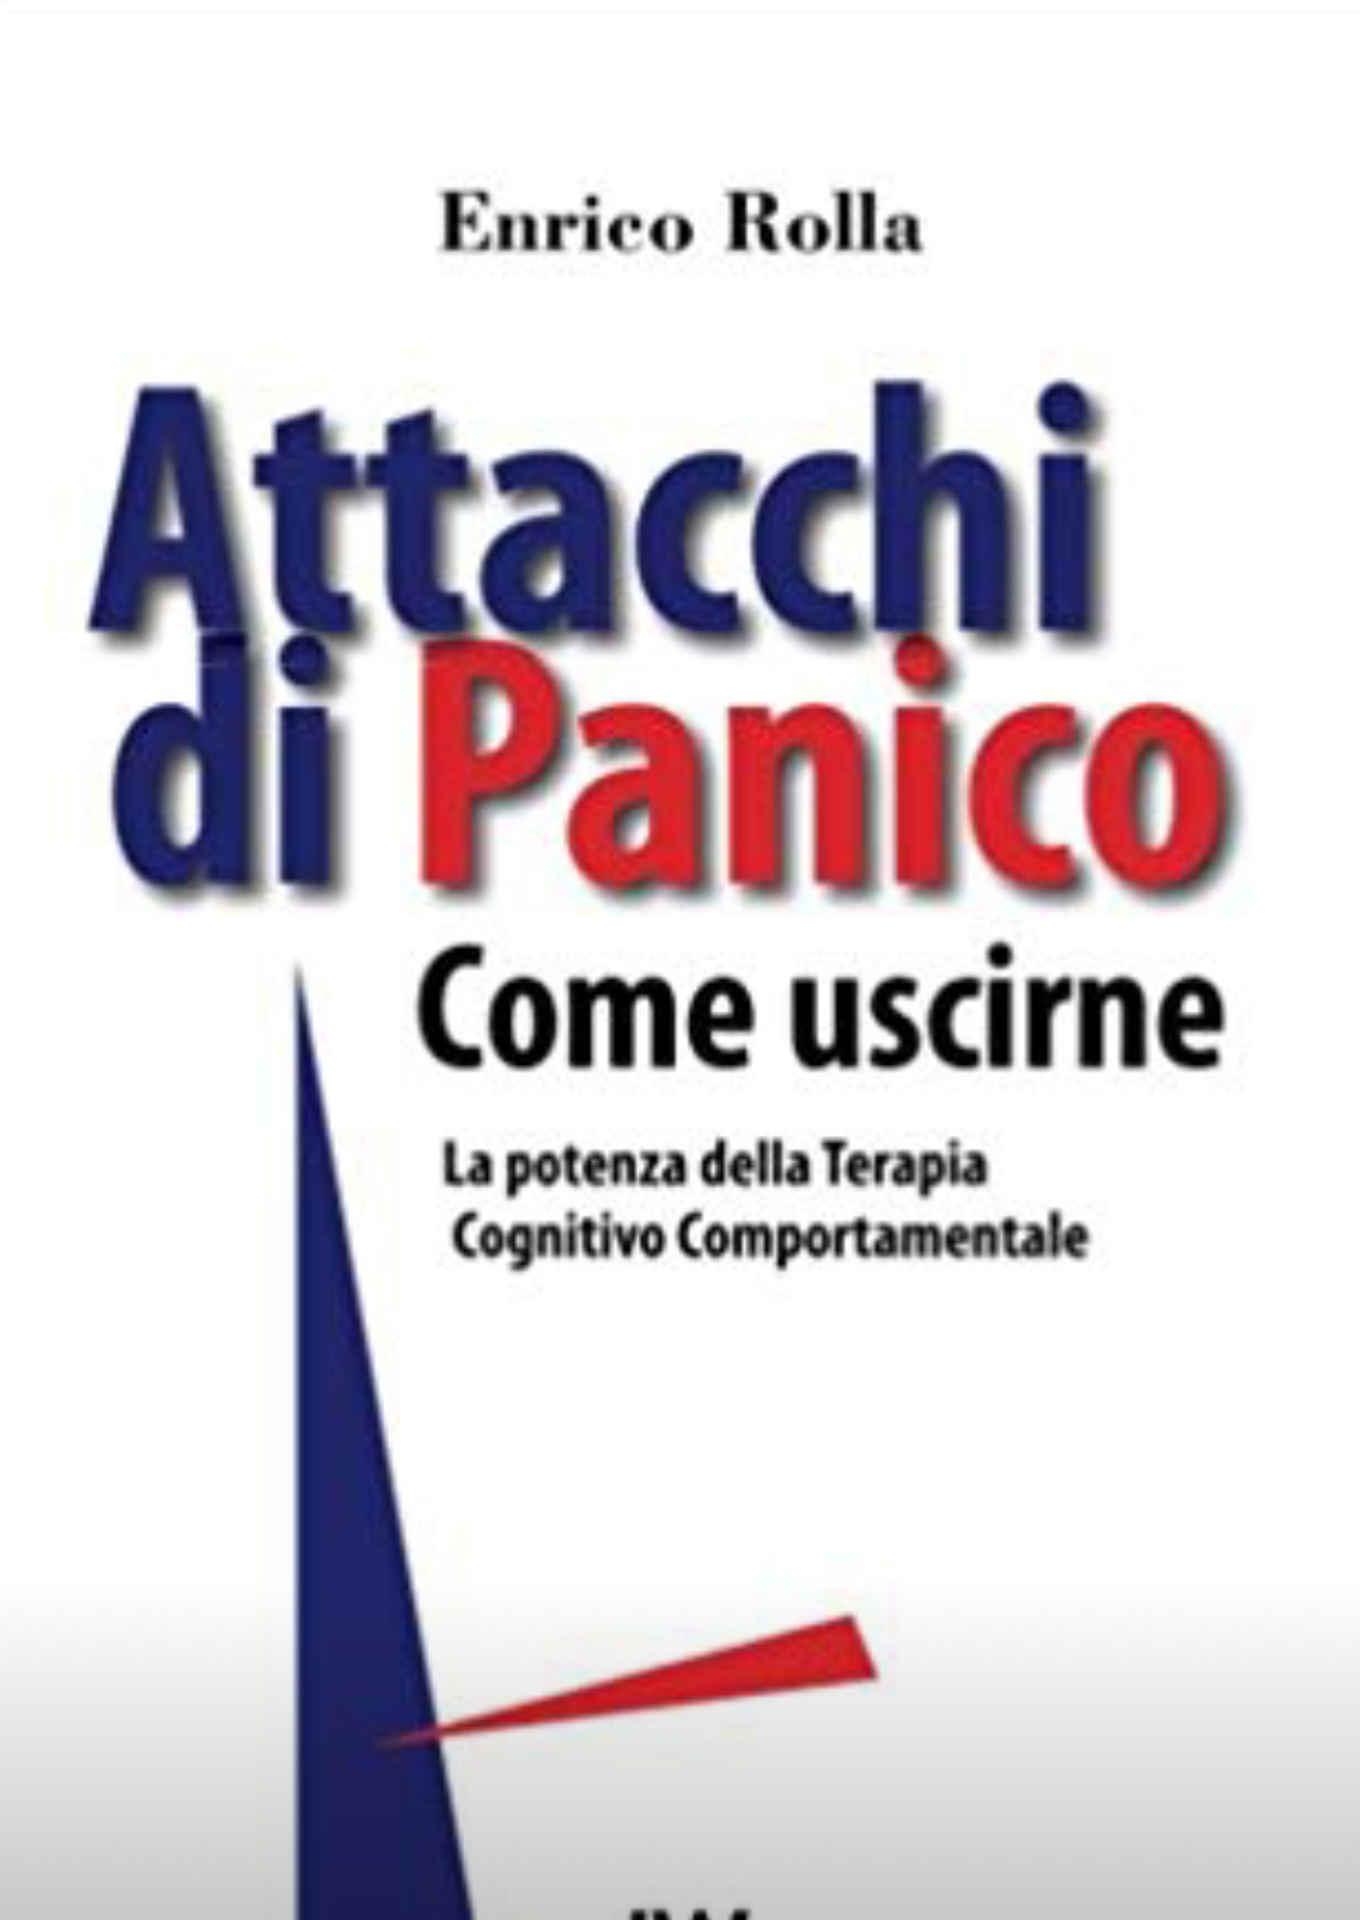 Attacchi di Panico. Come uscirne: La potenza della Terapia Cognitivo Comportamentale (2017) di Enrico Rolla – Recensione del libro